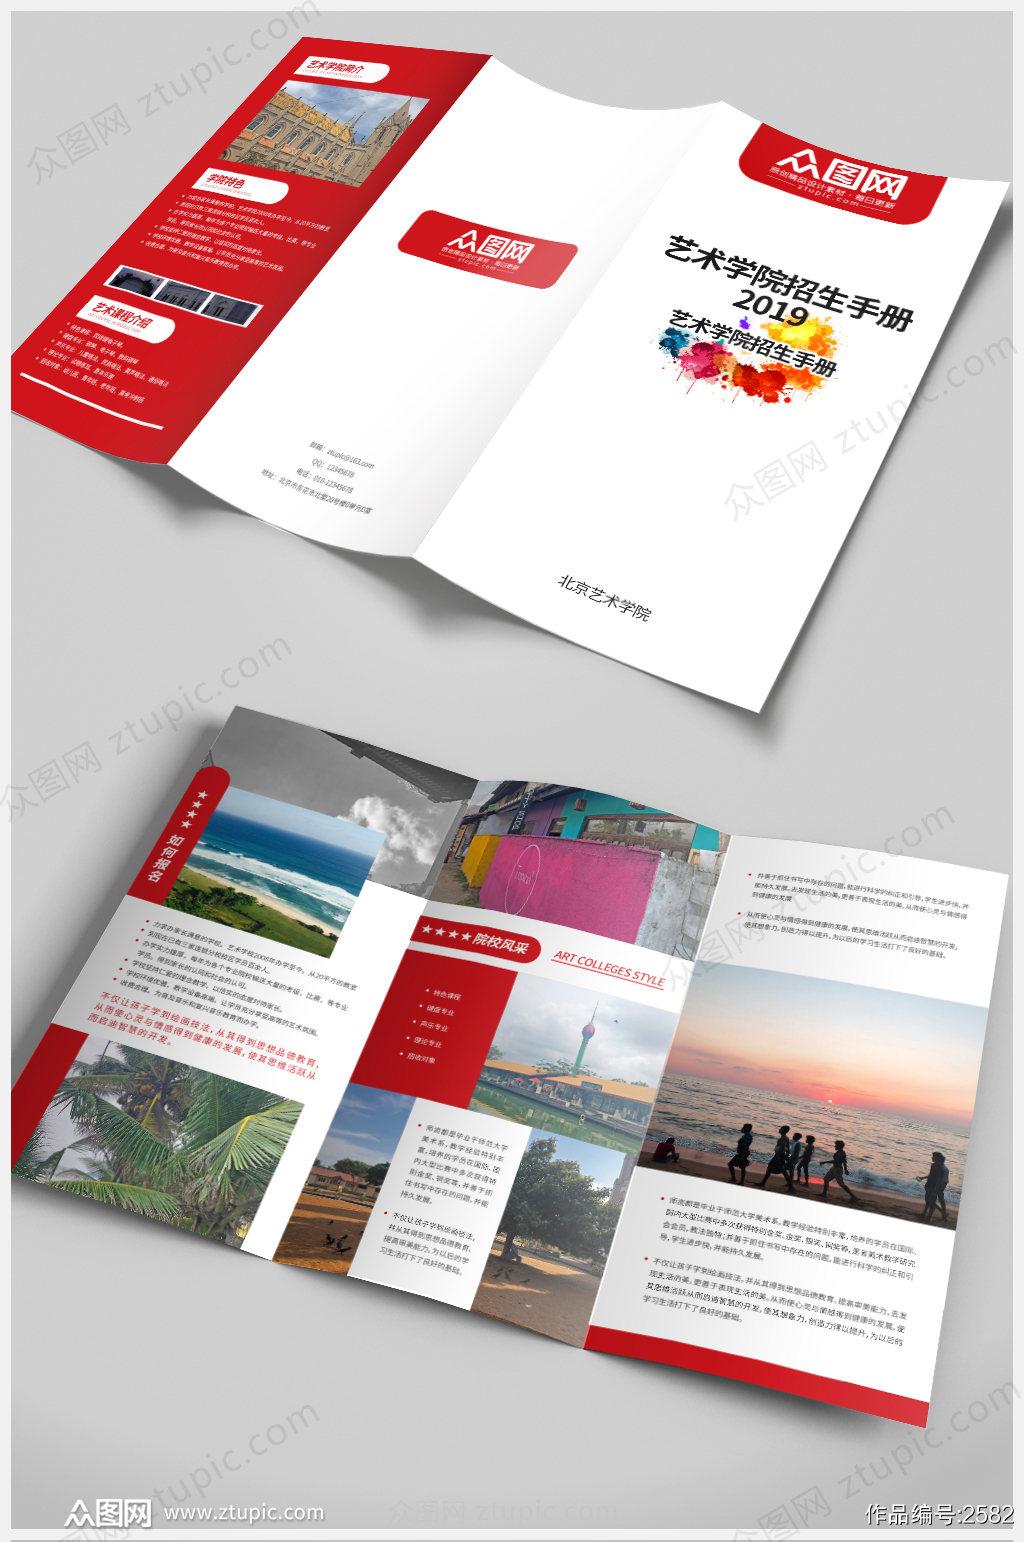 红色艺术学校招生手册三折页设计素材